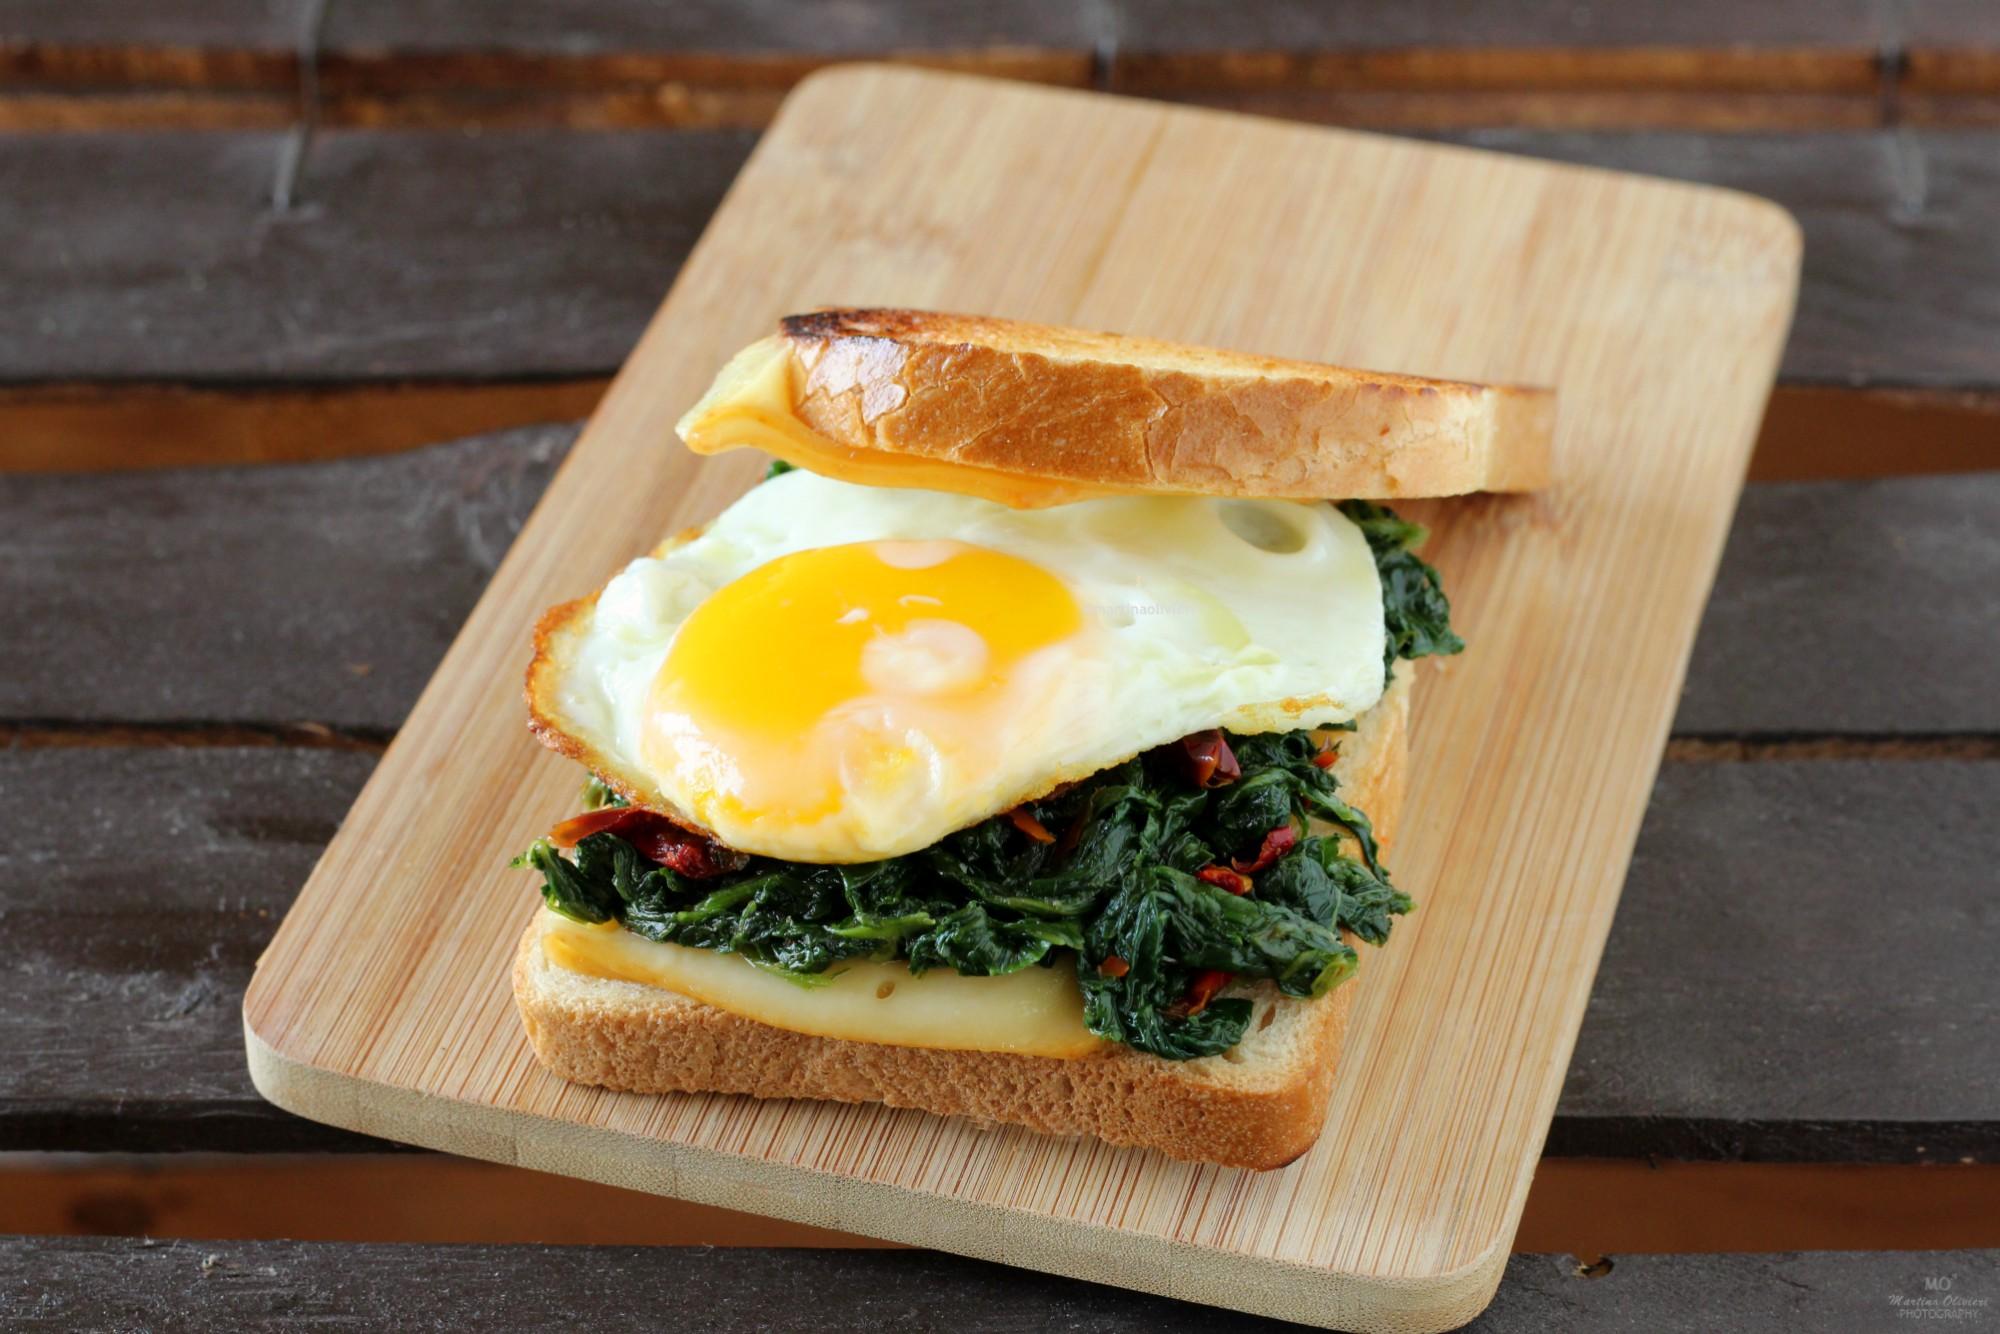 Sandwich con uova, verdura e peperoni secchi